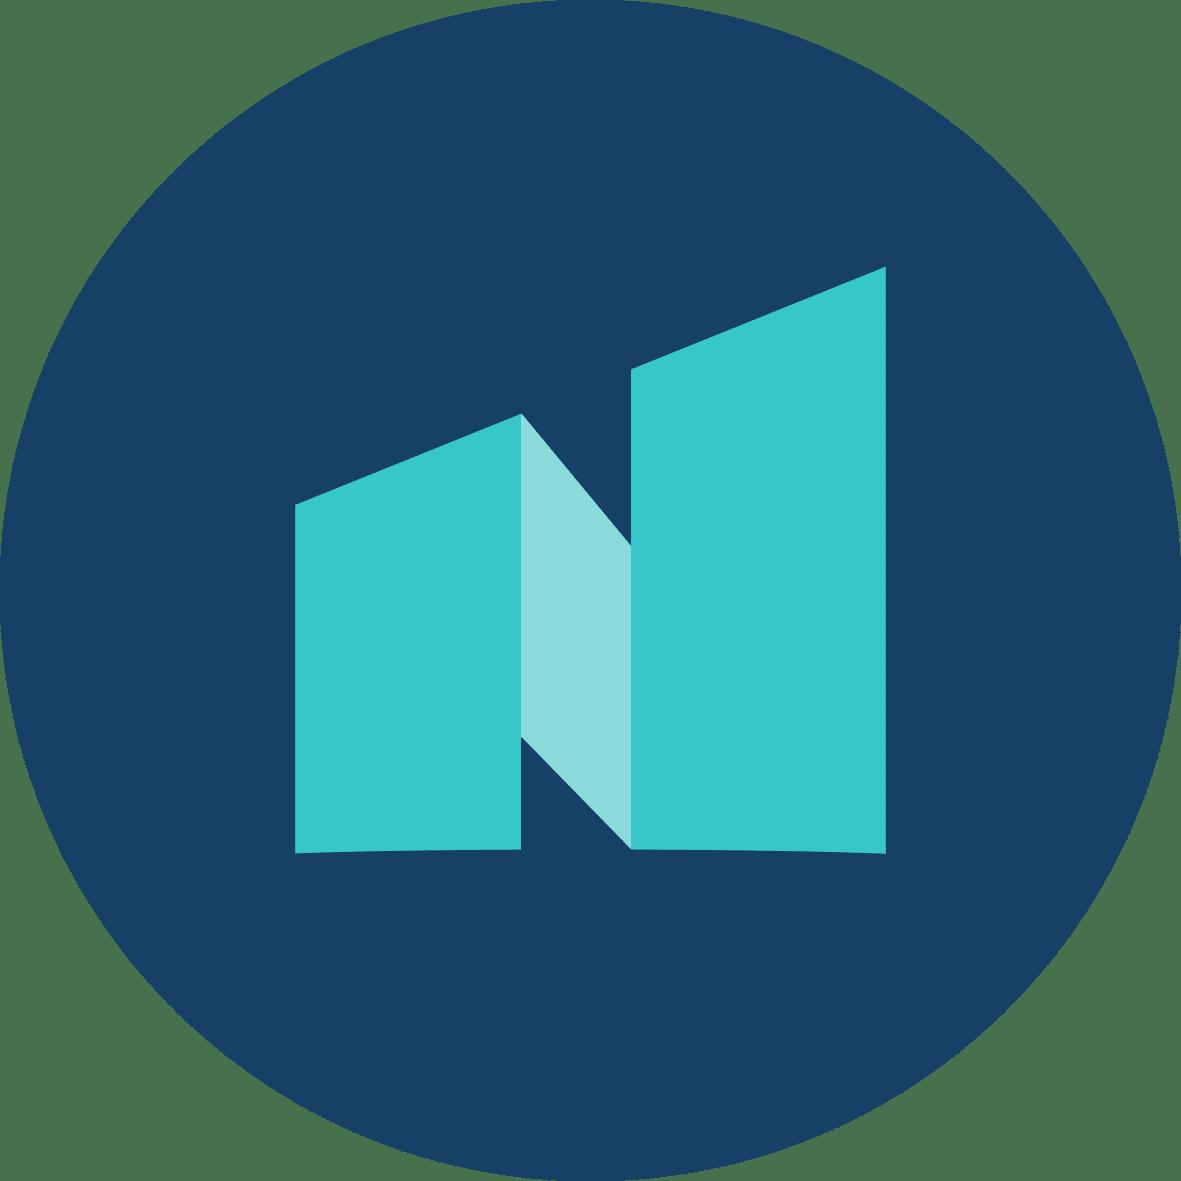 Netigate logo, Hur online-enkäter kan hjälpa din marknadsföring